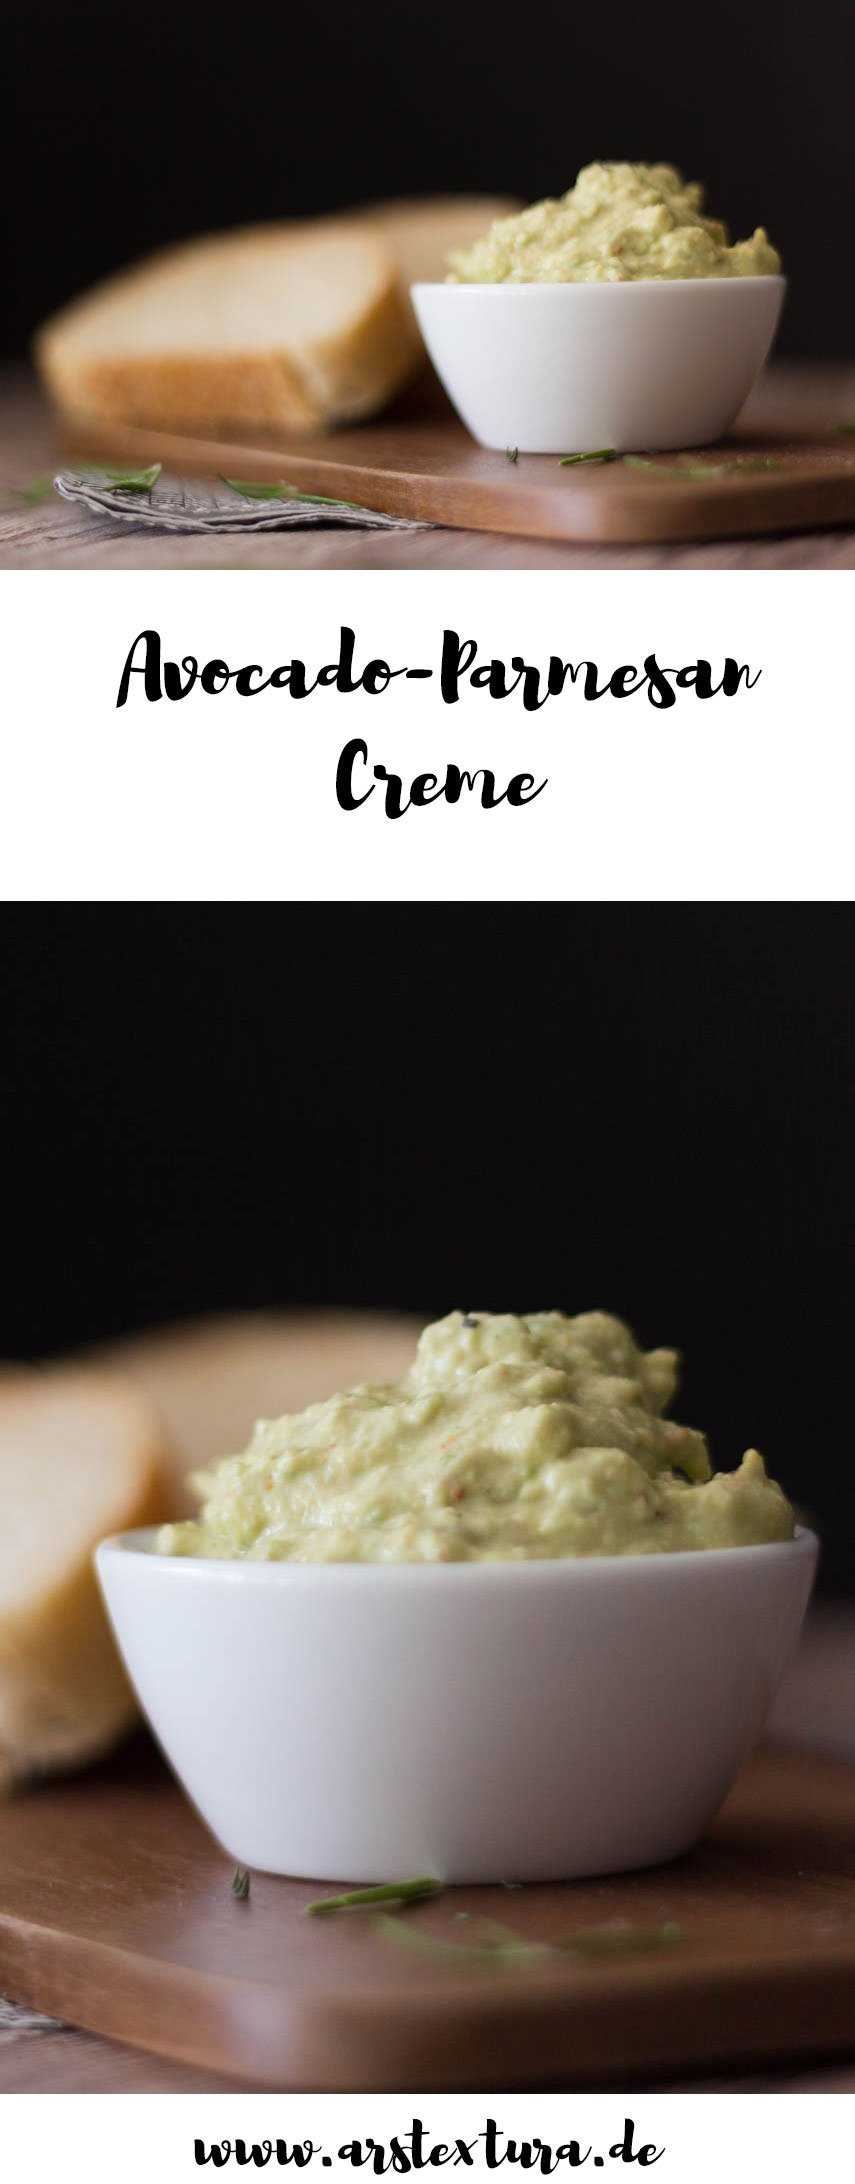 Avocado-Parmesan Creme ein toller Dip, Brotaufstrich und Beilage für die Grillparty